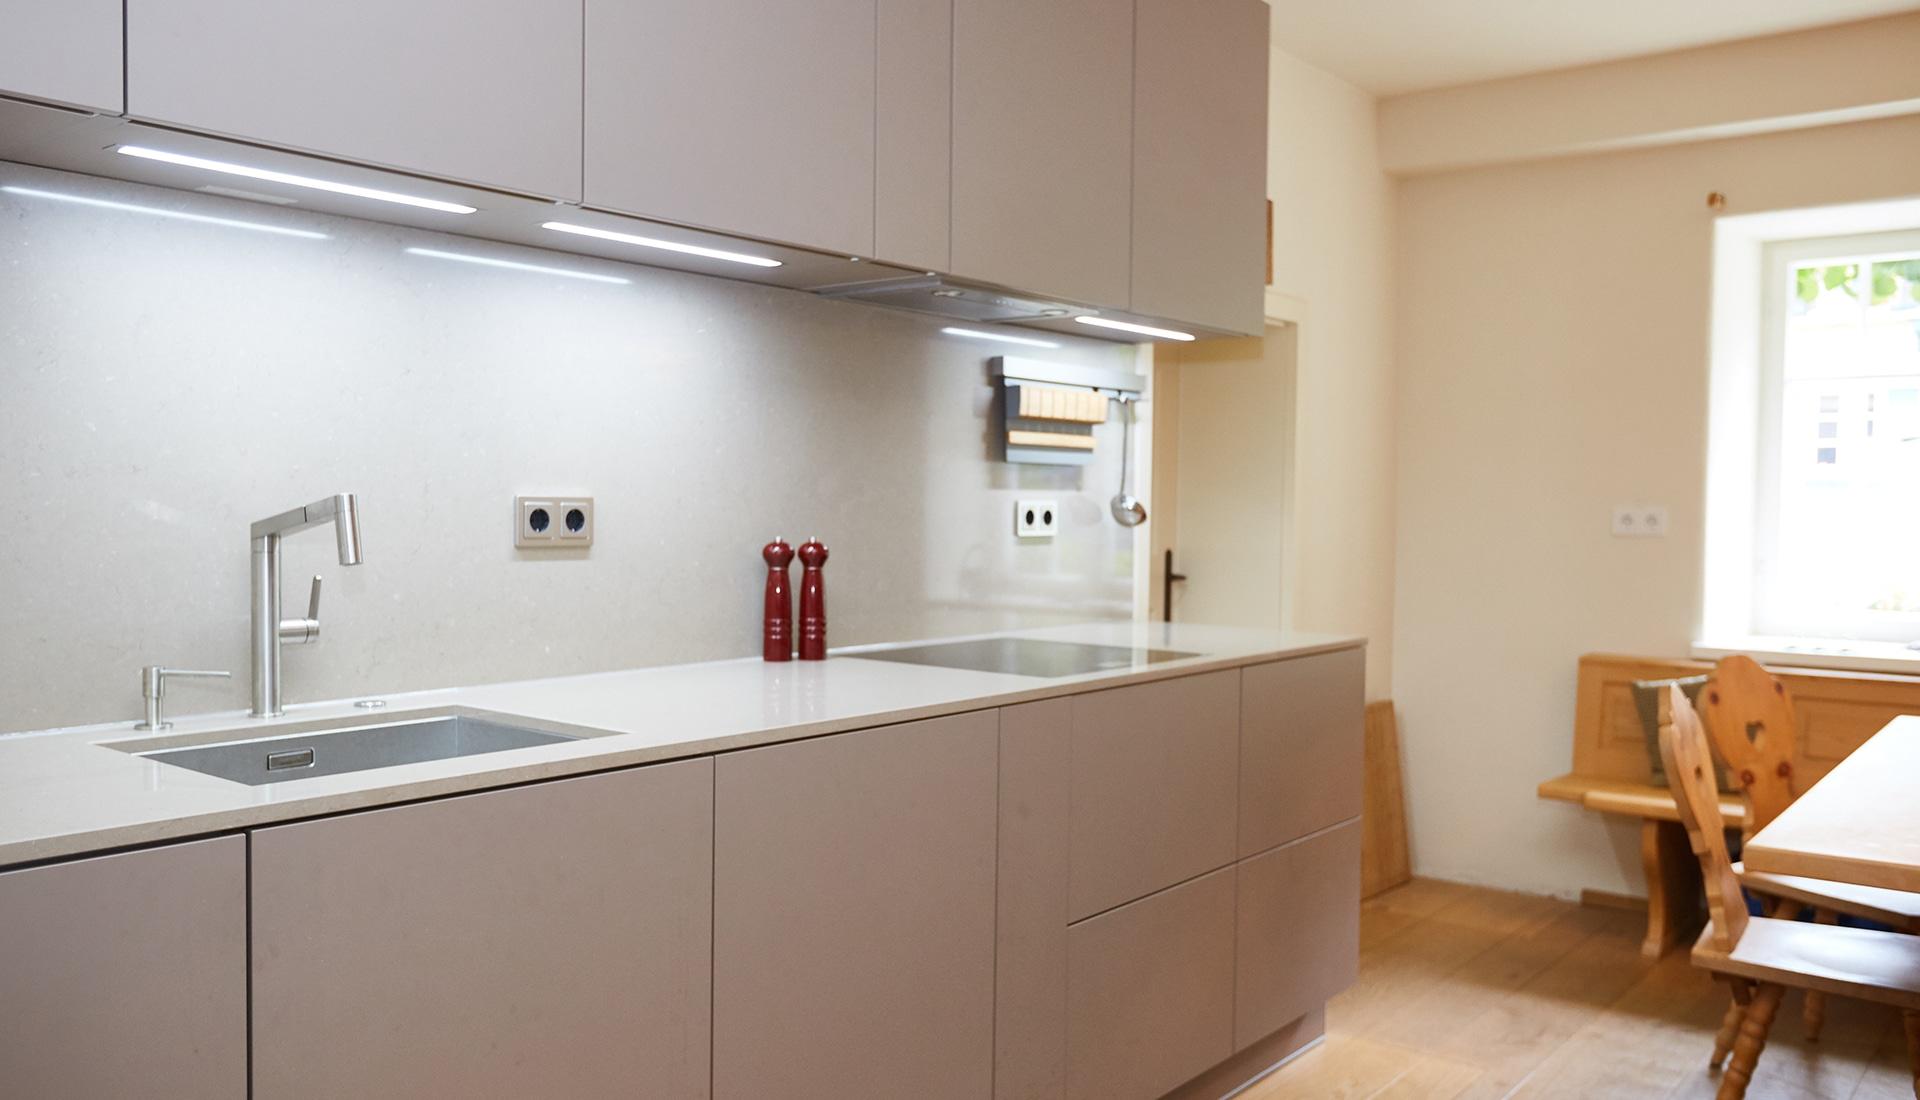 Ausgezeichnet Kreative Küche Entwirft Tal Strom Ny Fotos - Ideen Für ...